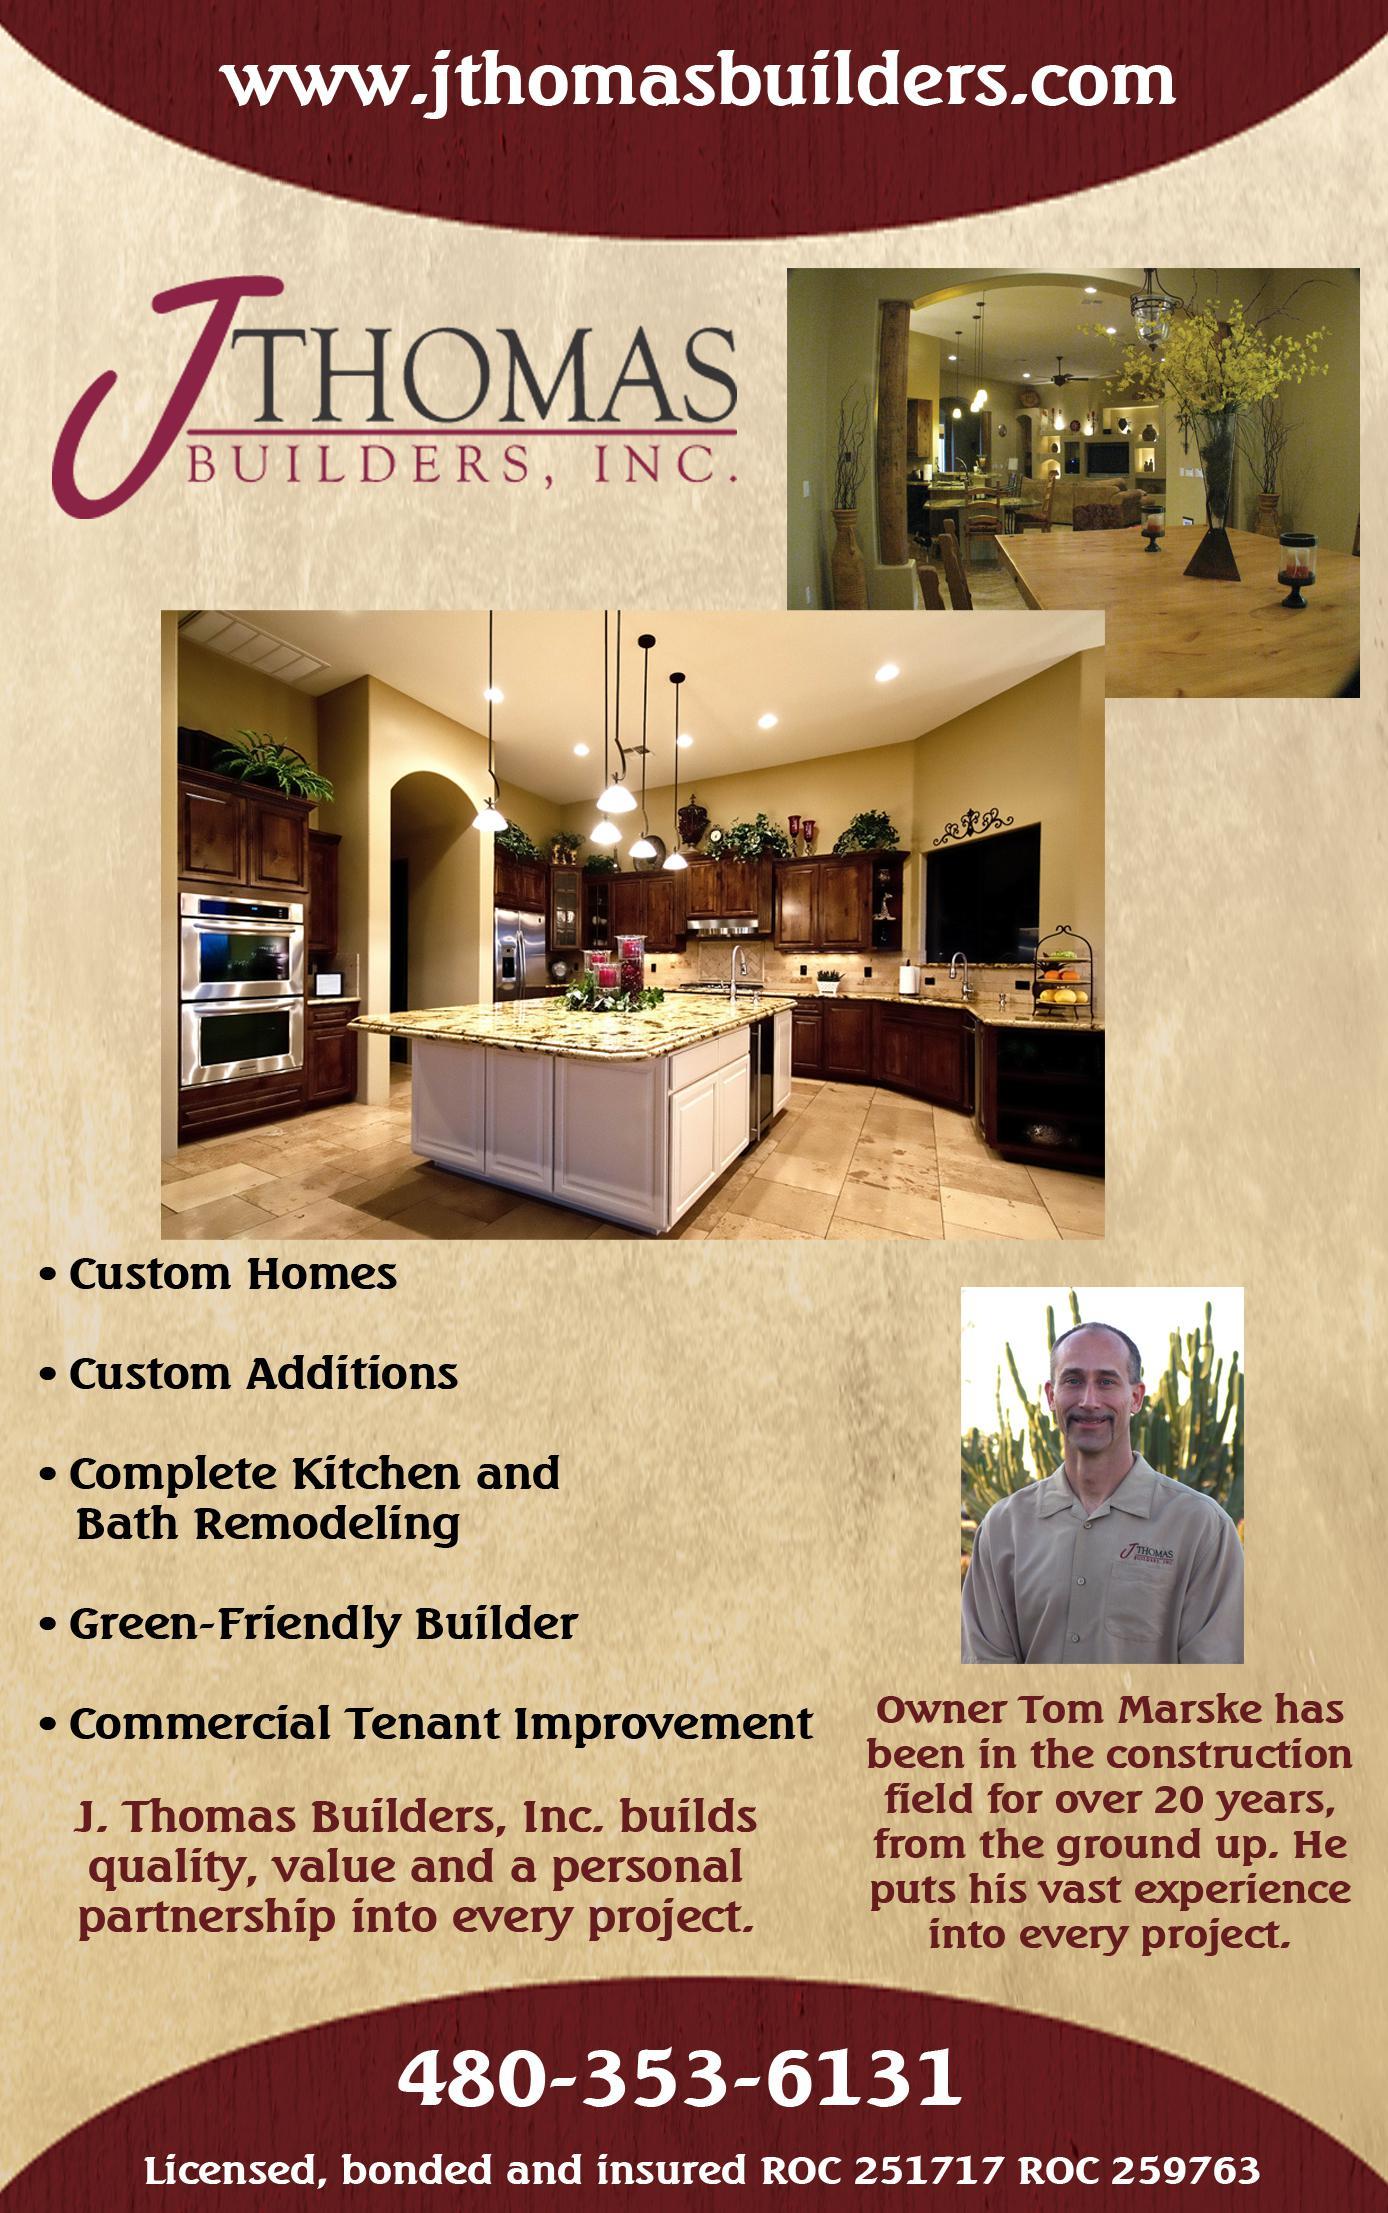 J. Thomas Builders, Inc.